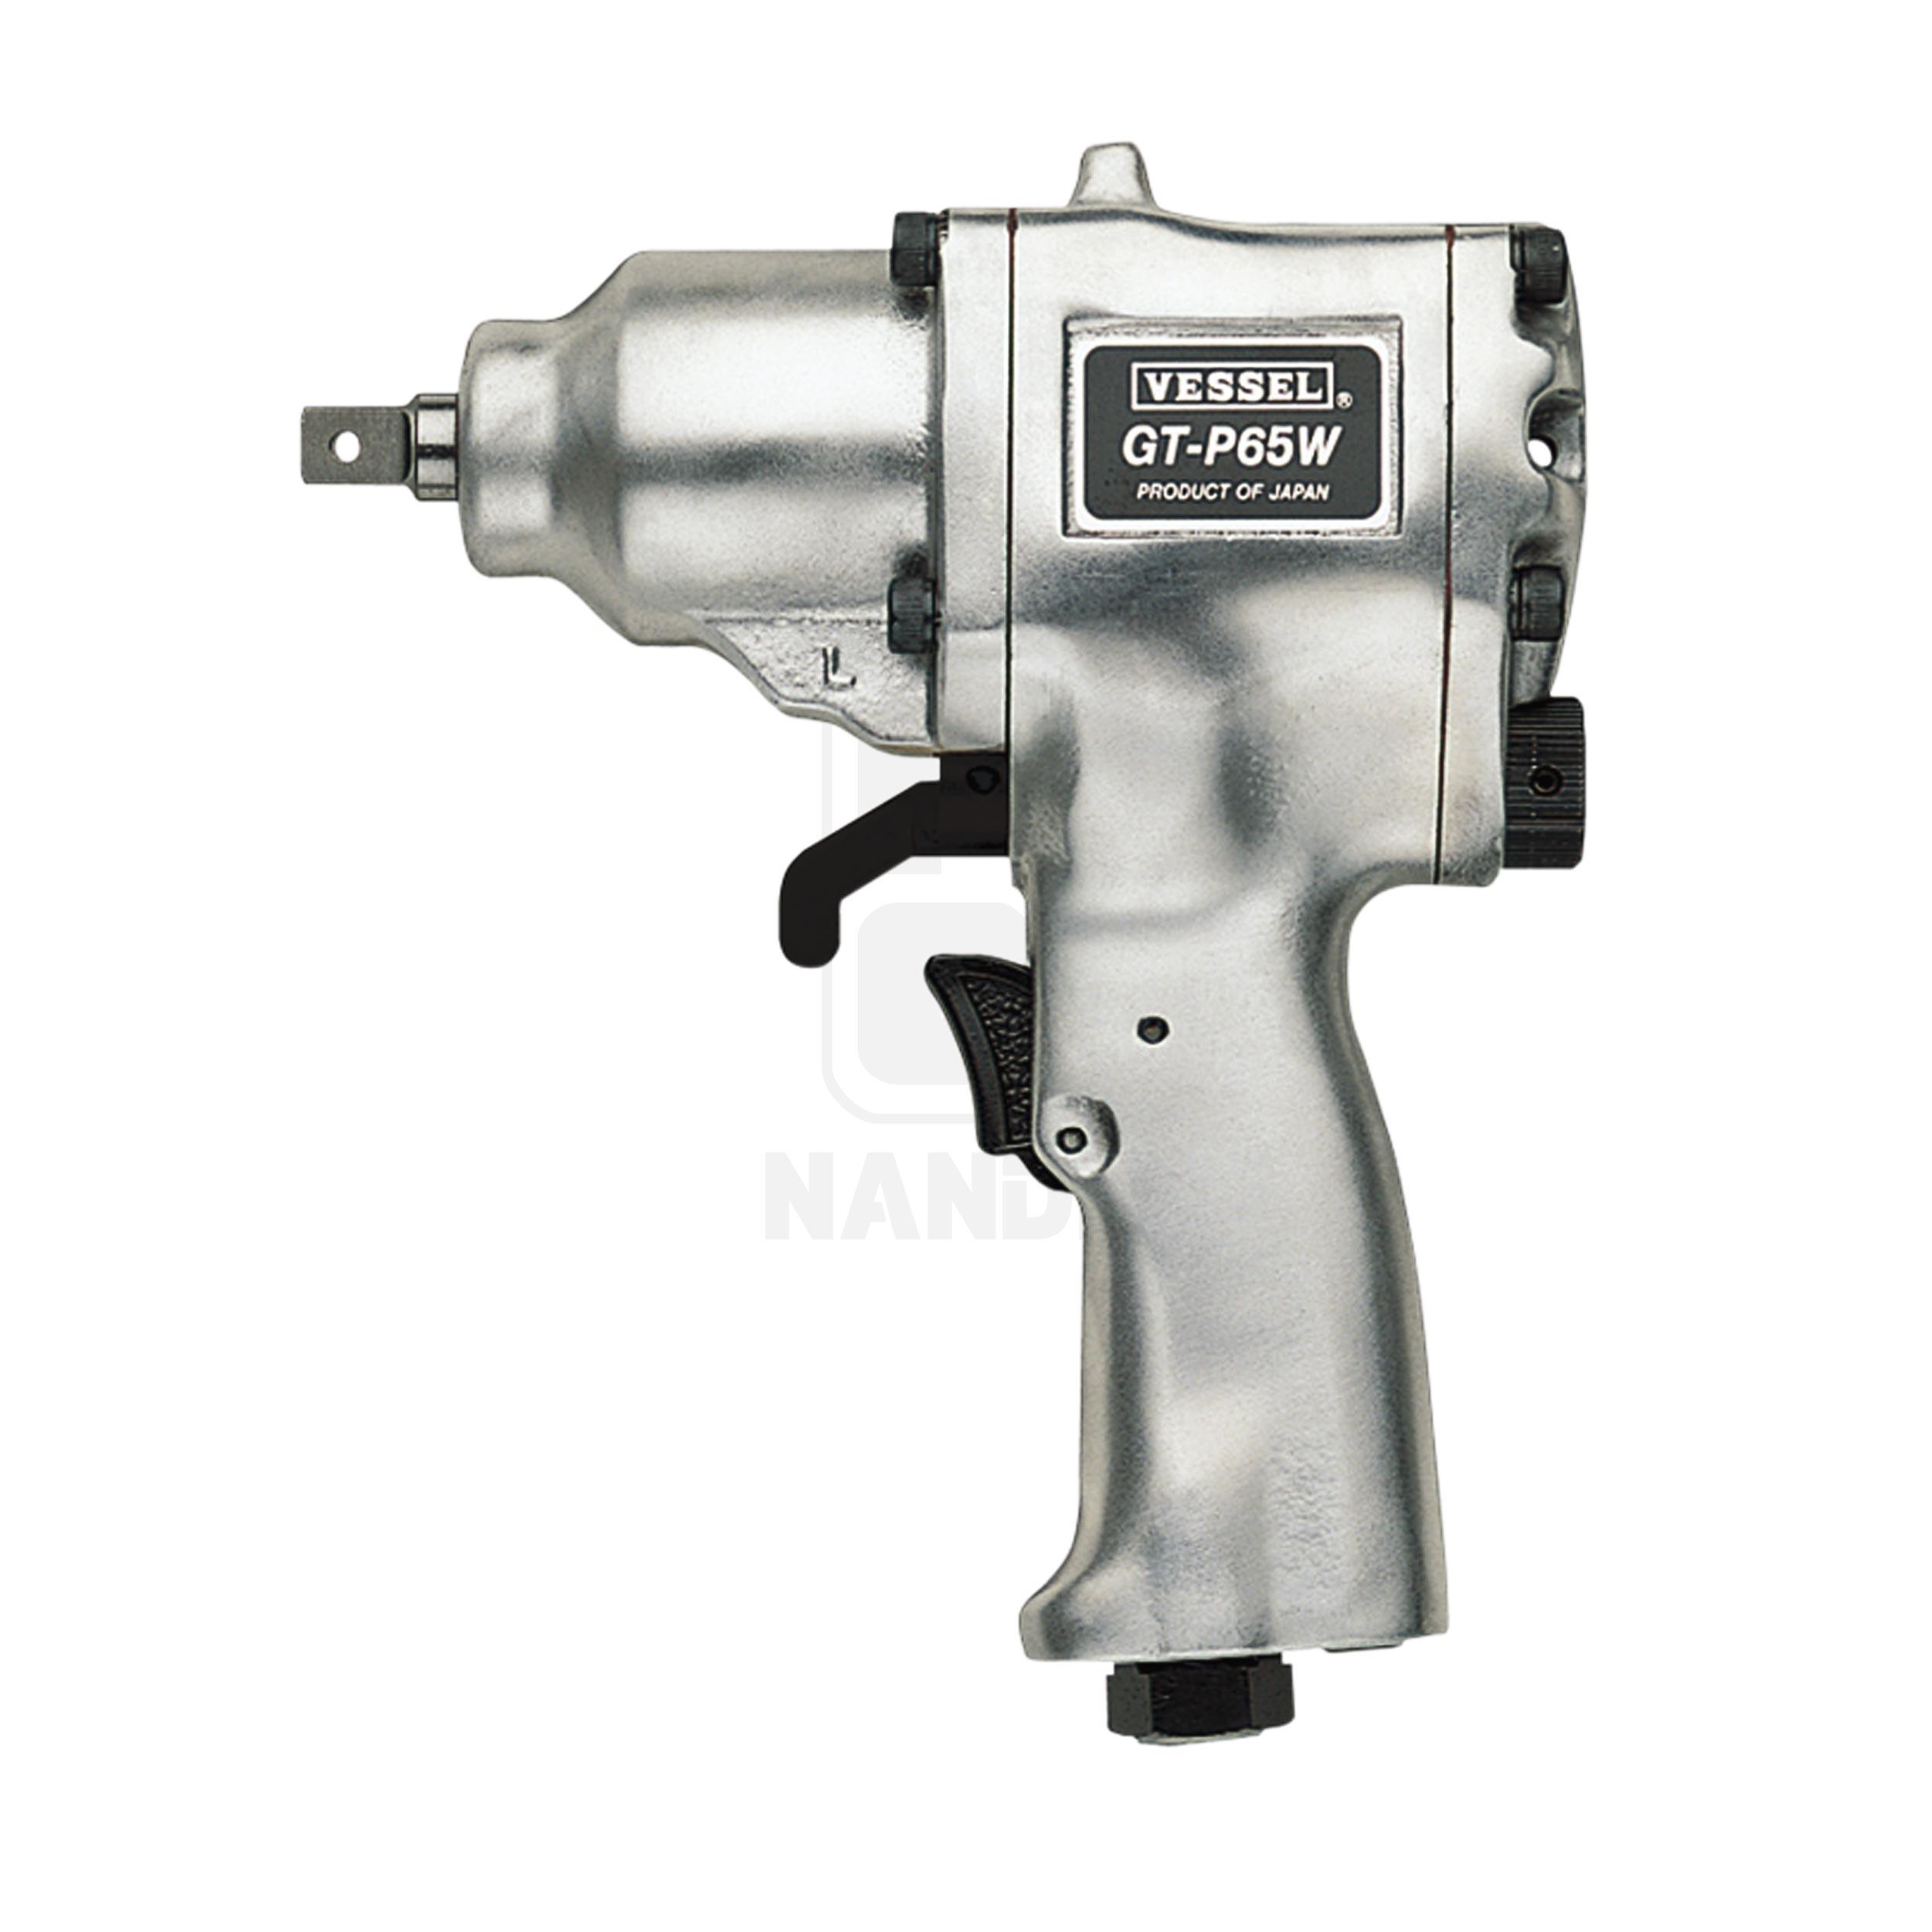 บล็อคลม double hammer GT-S65W-U